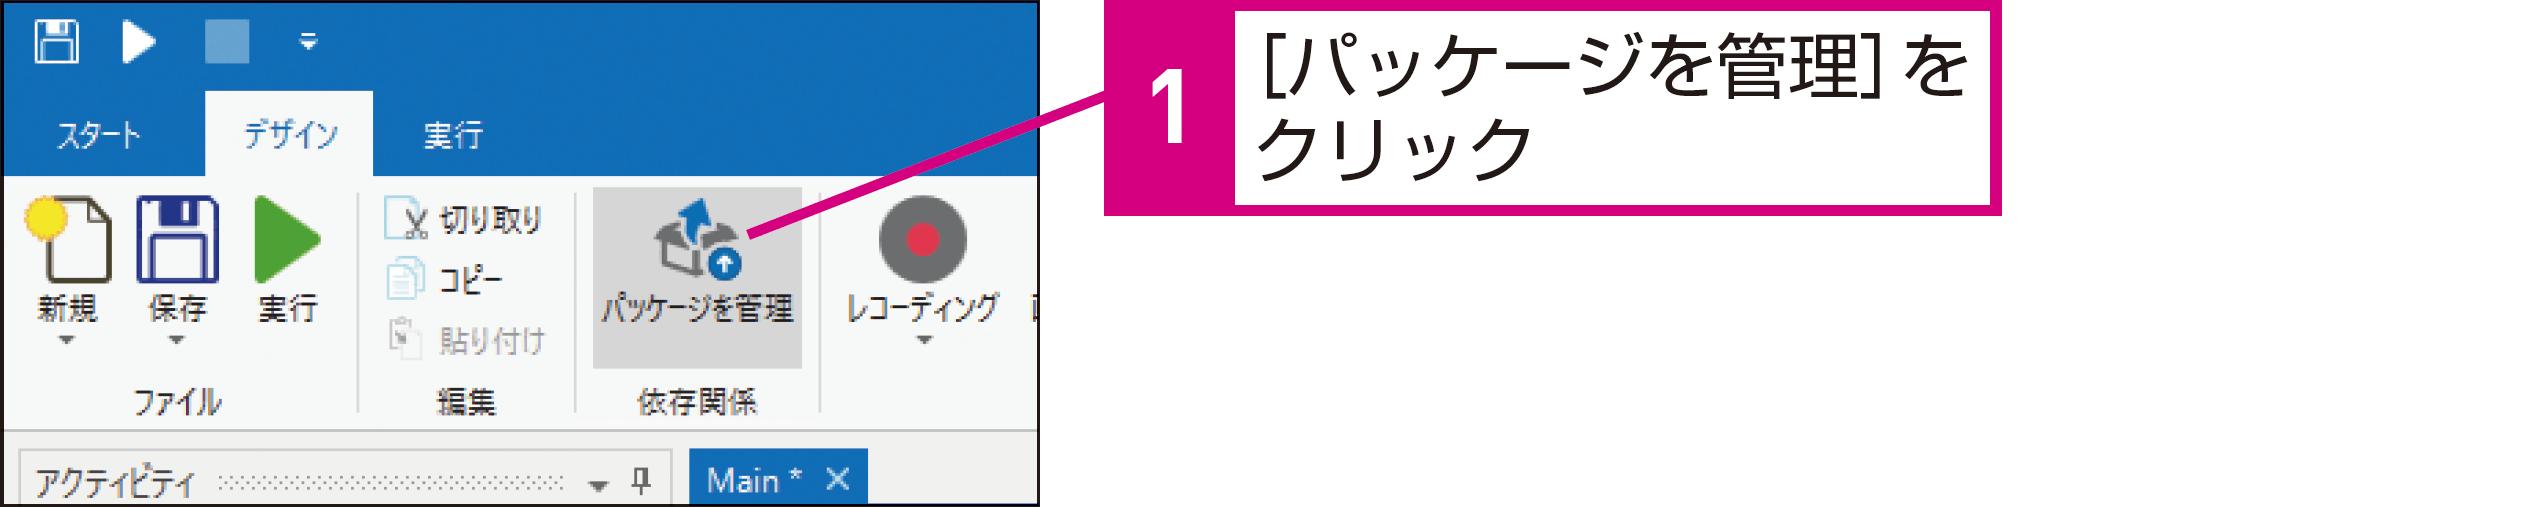 ExcelとWebアプリを自動処理するには 1(Excelファイルの読み込み - できるUiPath